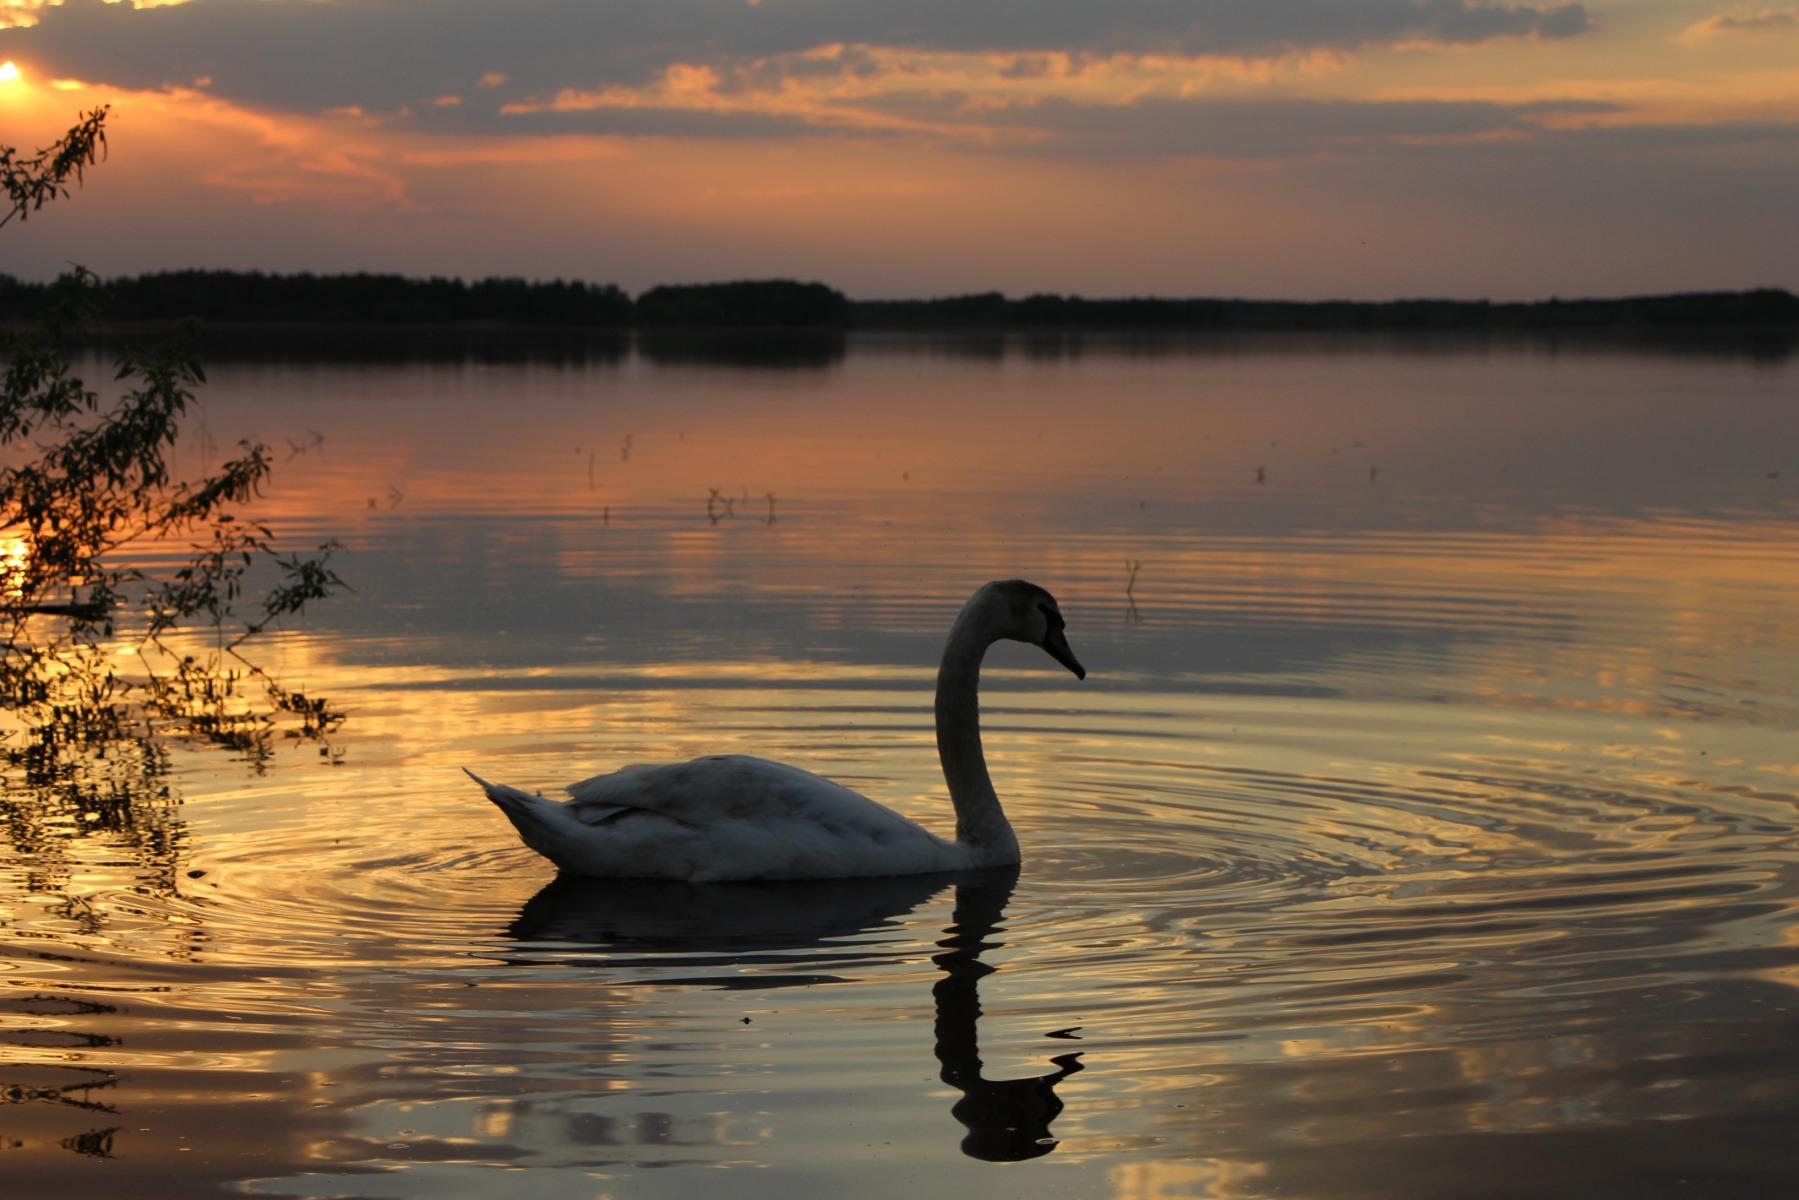 этому дню фото лебеди на закате солнца сложный феномен